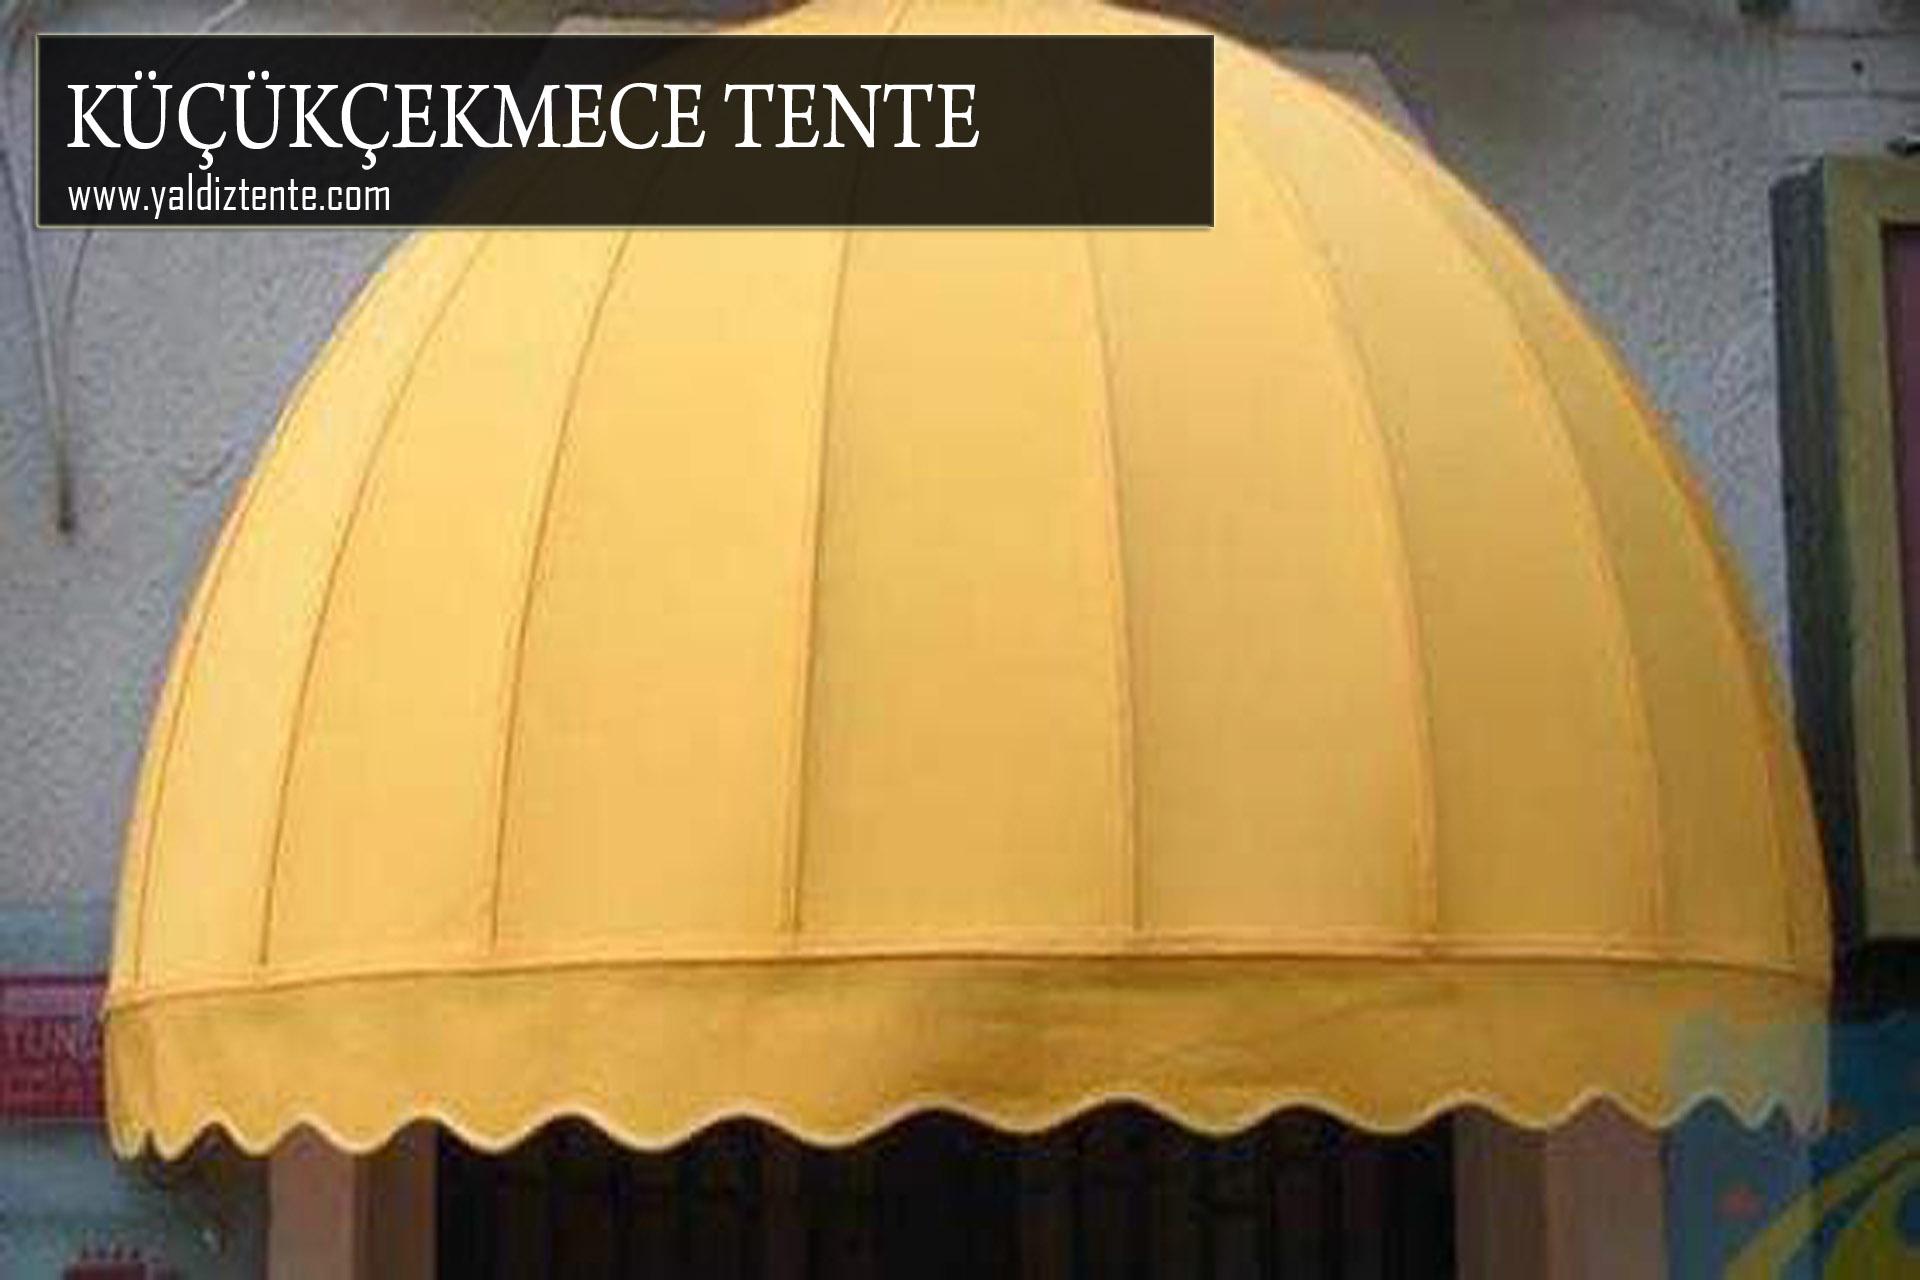 küçükçekmece tente